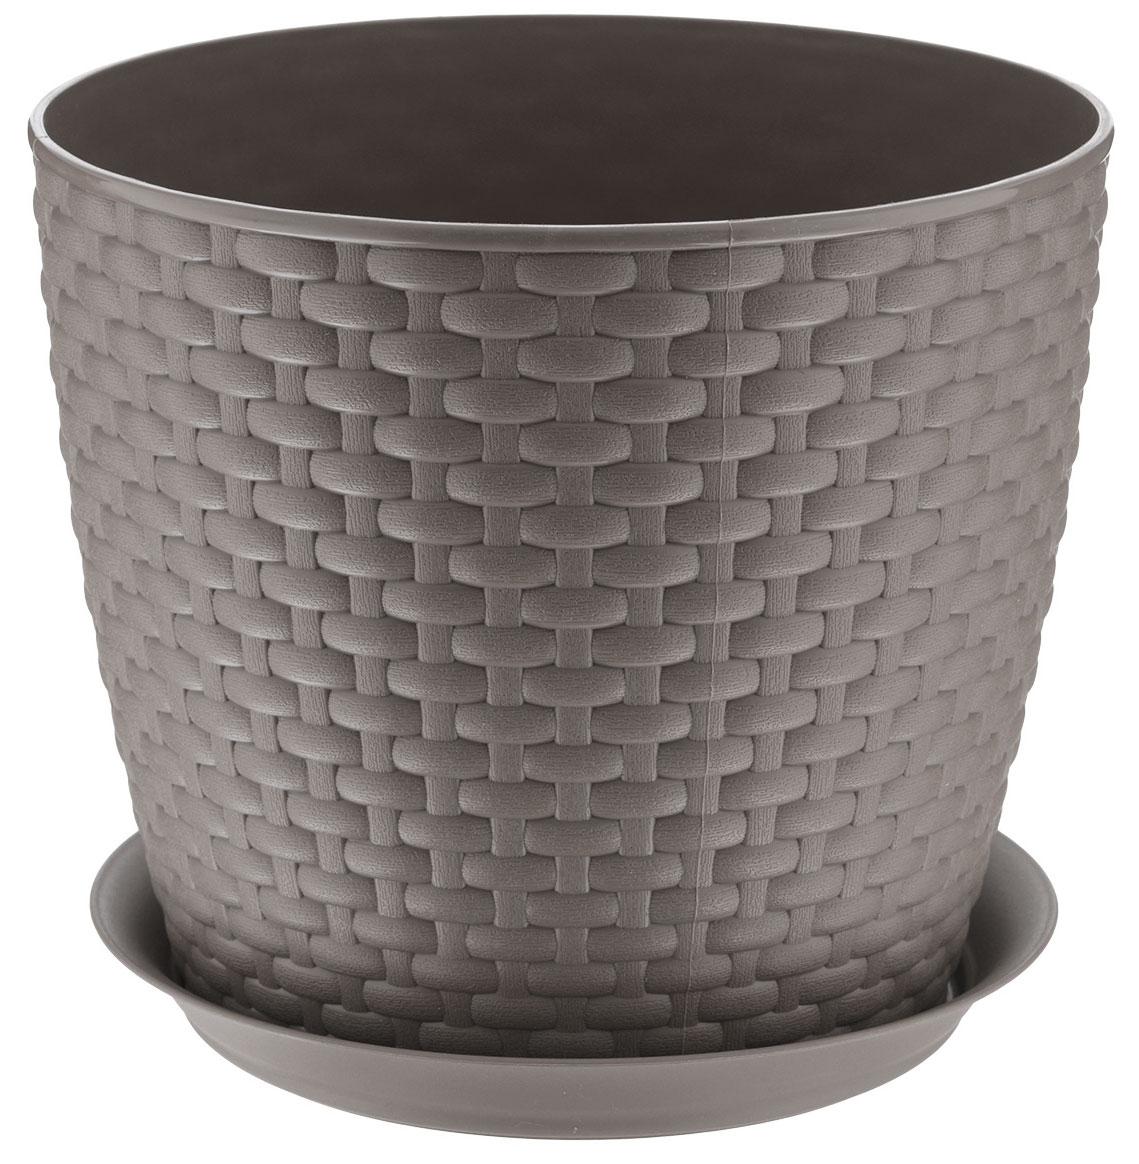 Кашпо Idea Ротанг, с поддоном, цвет: коричневый, 1 лZ-0307Кашпо Idea Ротанг изготовлено из высококачественного пластика. Специальный поддон предназначен для стока воды. Изделие прекрасно подходит для выращивания растений и цветов в домашних условиях. Лаконичный дизайн впишется в интерьер любого помещения. Диаметр поддона: 13 см. Объем кашпо: 1 л.Диаметр кашпо по верхнему краю: 13 см.Высота кашпо: 11,5 см.